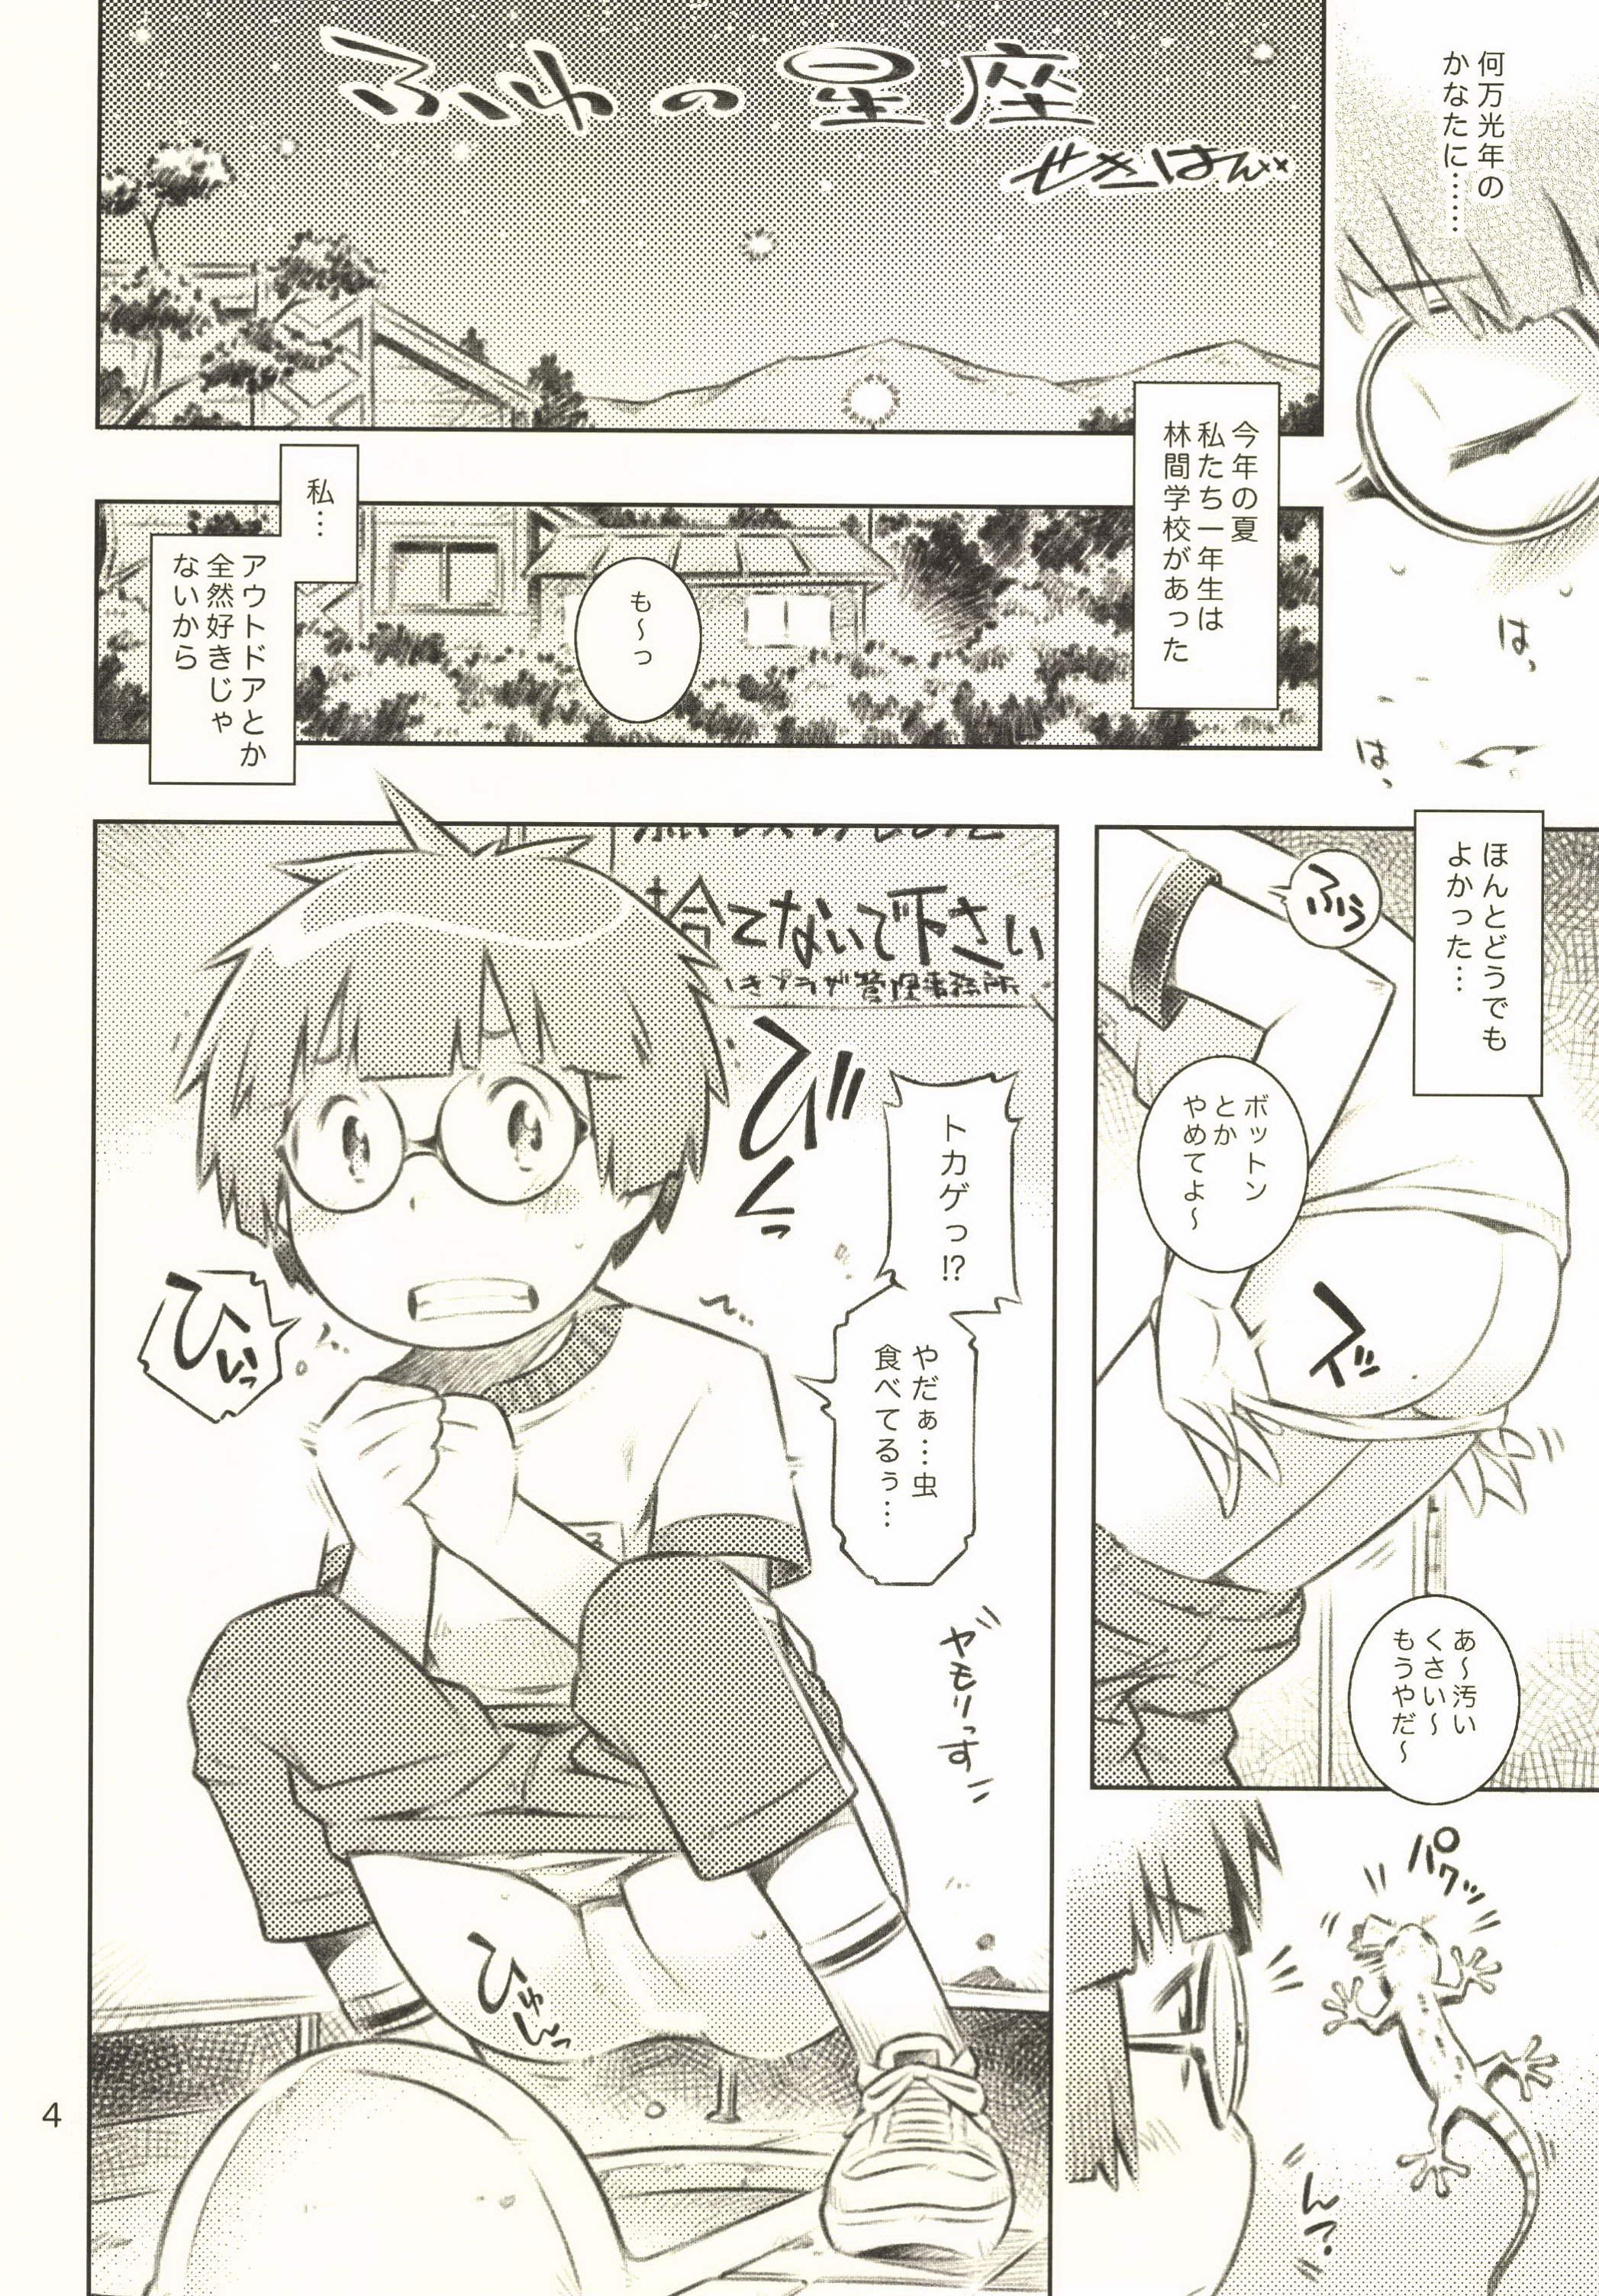 【エロ漫画・エロ同人】貧乳ロリ少女が林間学校で出会った少女にエッチ教えられてるwオナニー教えられアナルの気持ち良さもレズセックスもねwww ふゆの星座 (3)